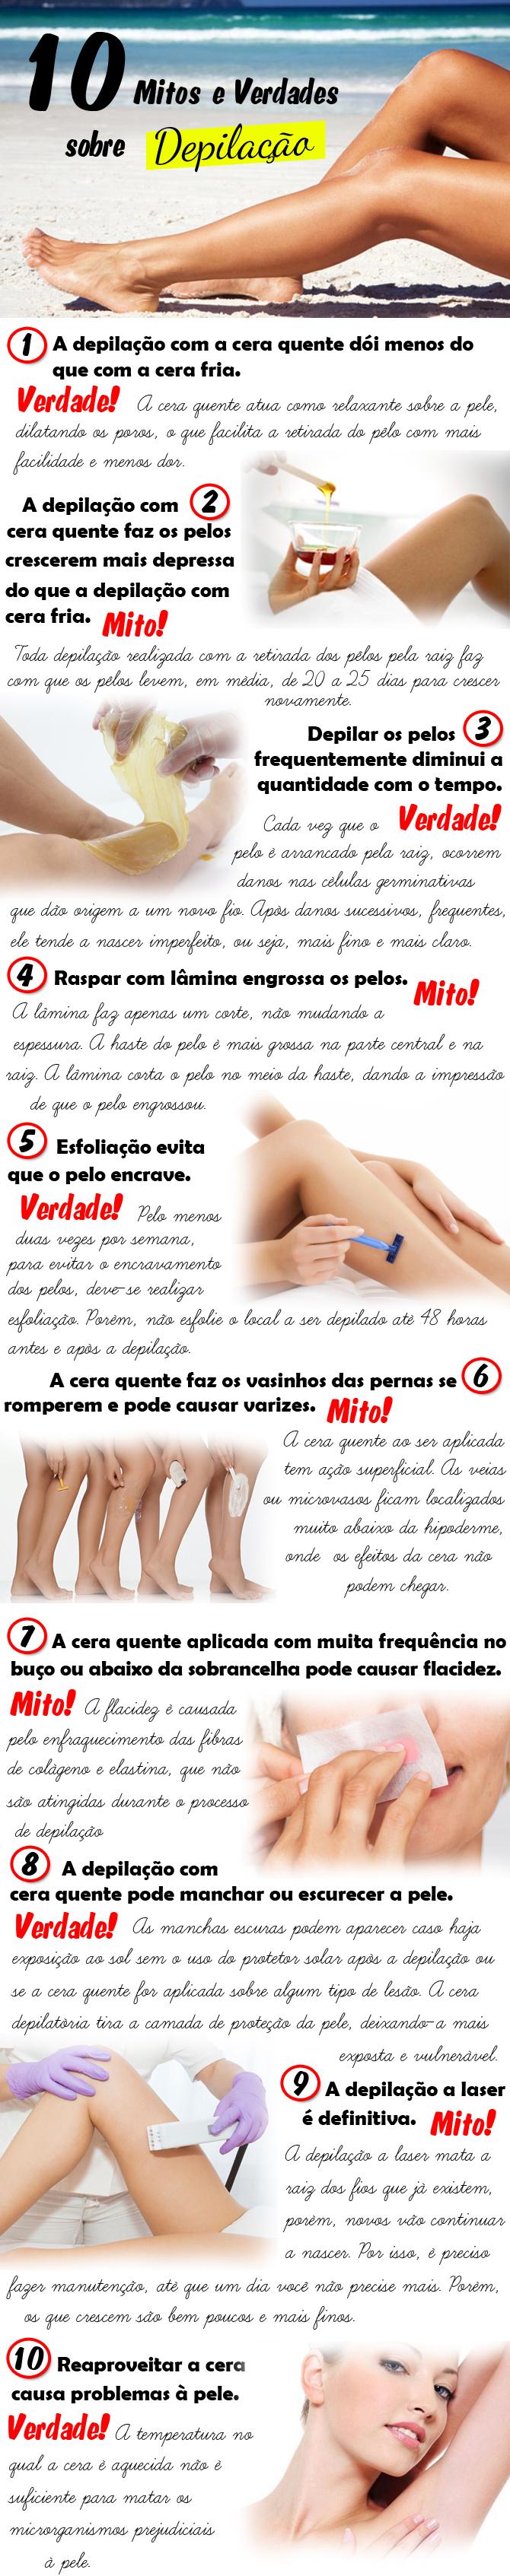 10 mitos e verdades sobre a depilação1